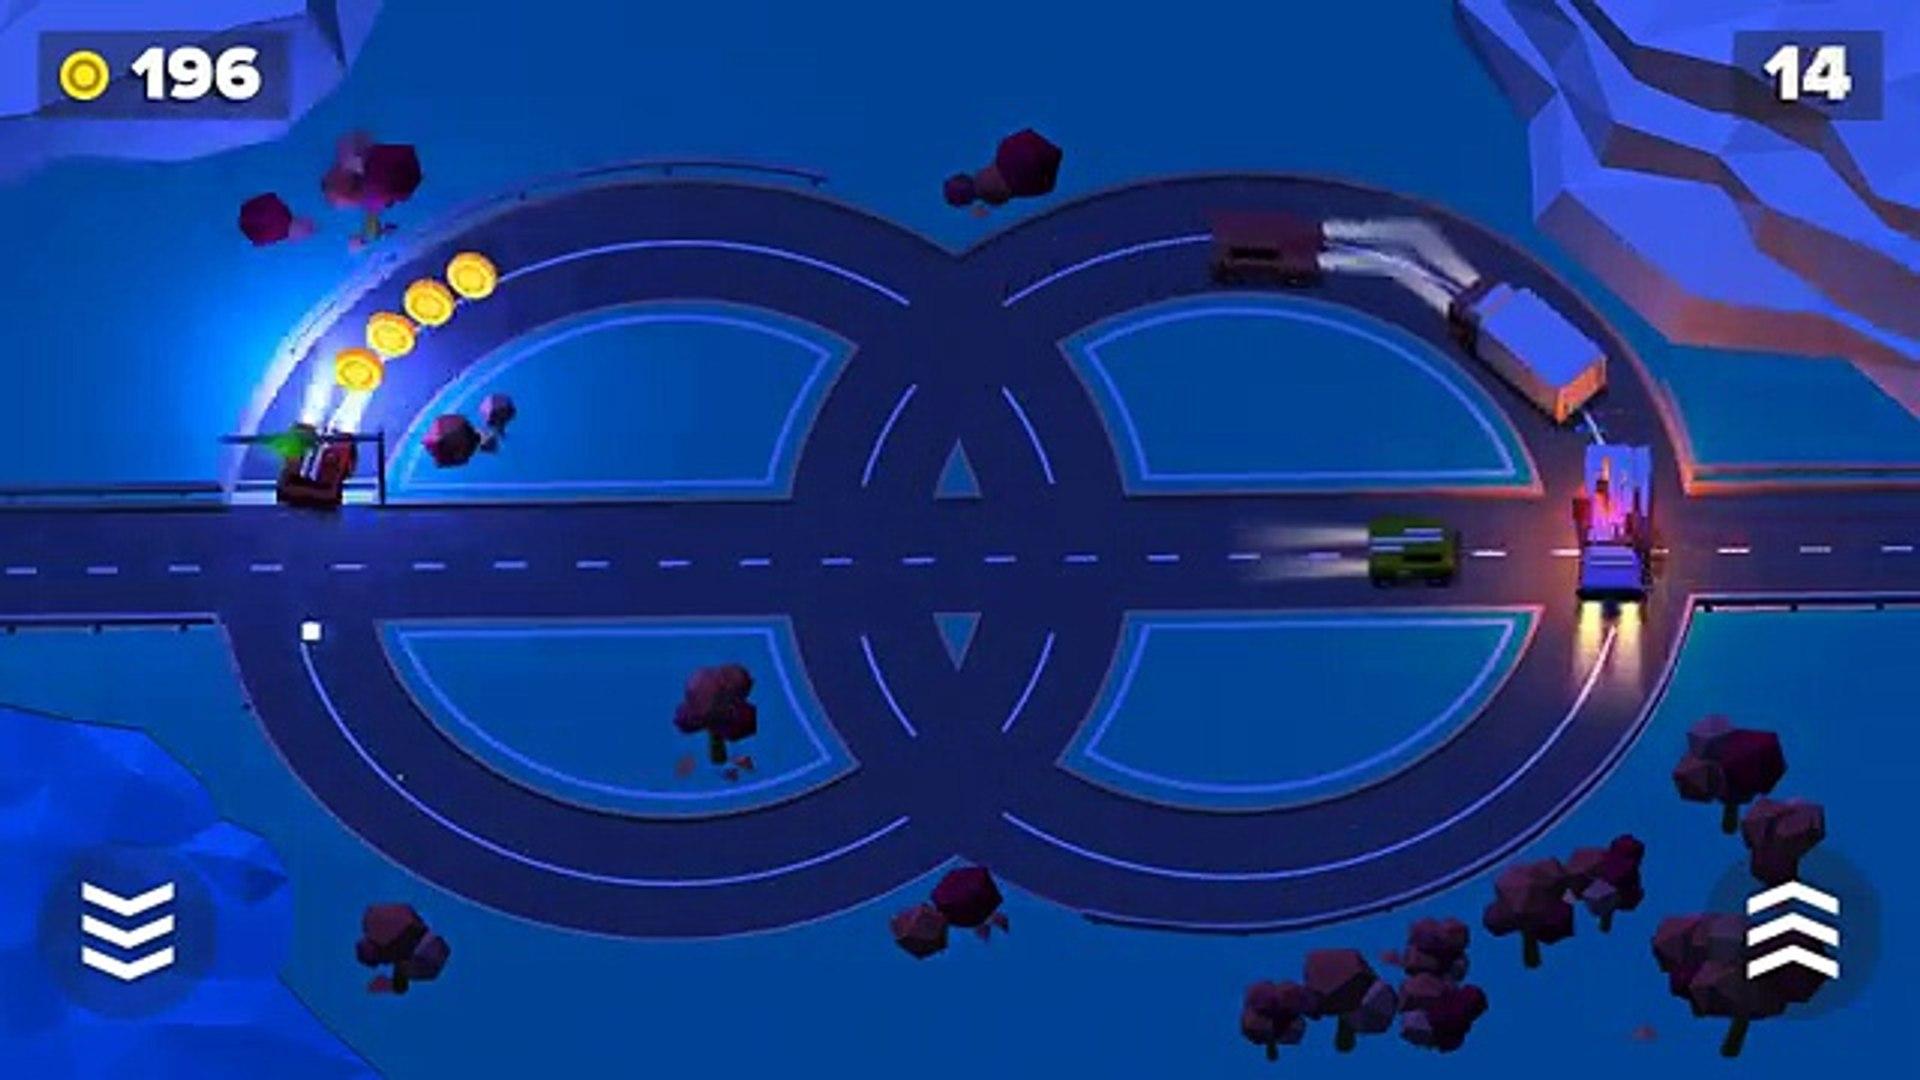 2. андроид андроид водить машину Игры ИОС петля